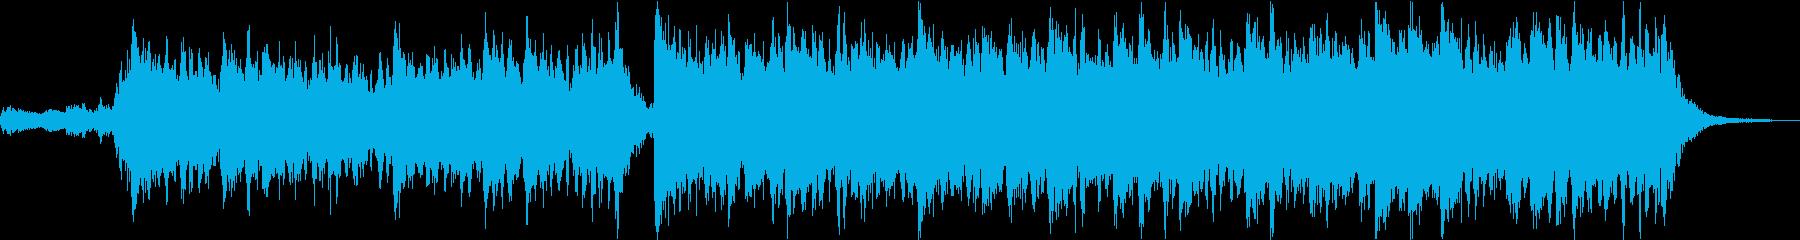 ピンチ・危機・バトル・重厚なオーケストラの再生済みの波形